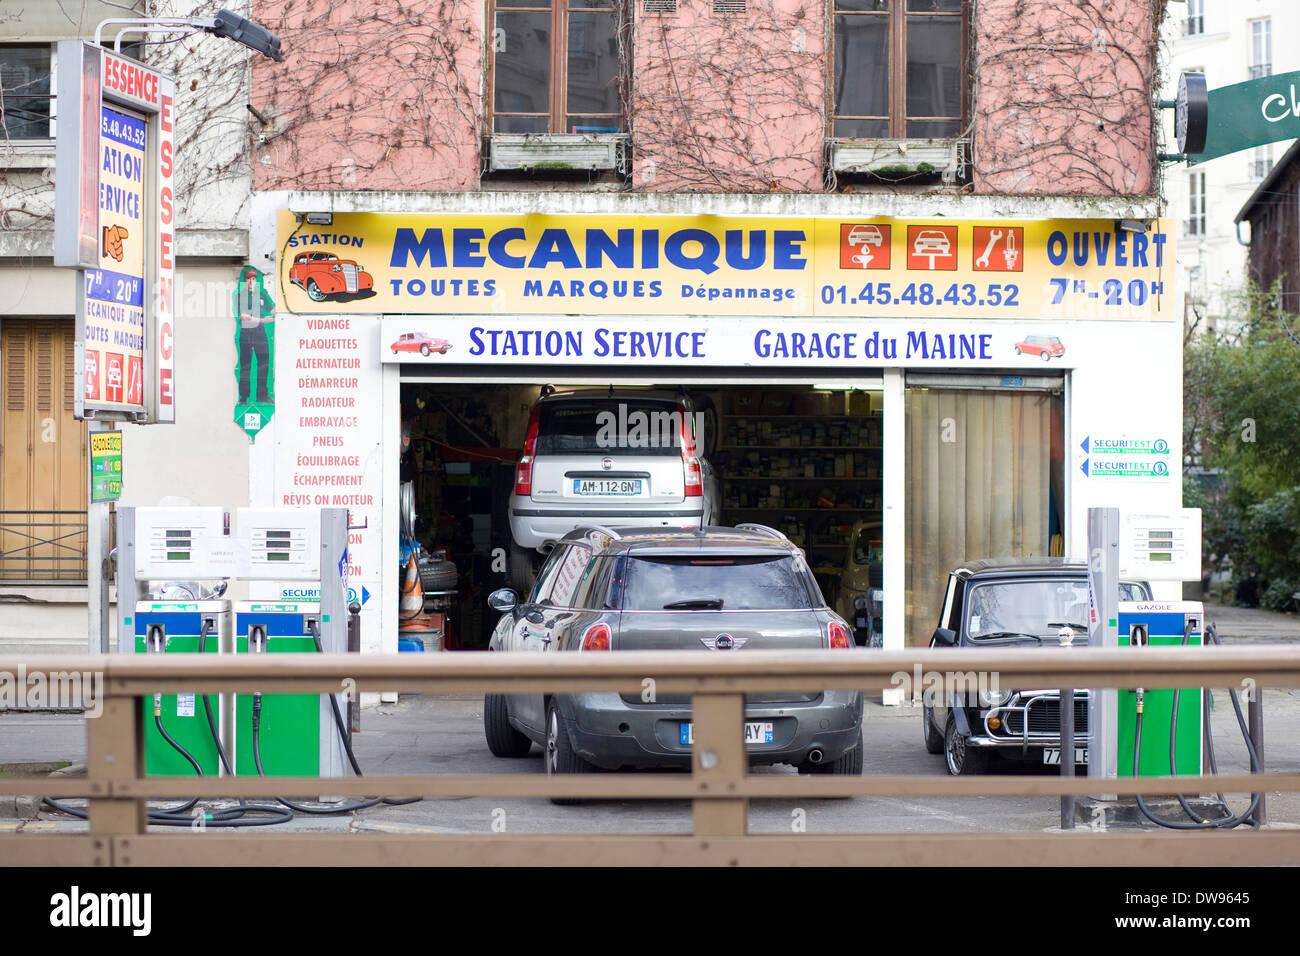 Mecanique Toutes Garage in Paris France - Stock Image